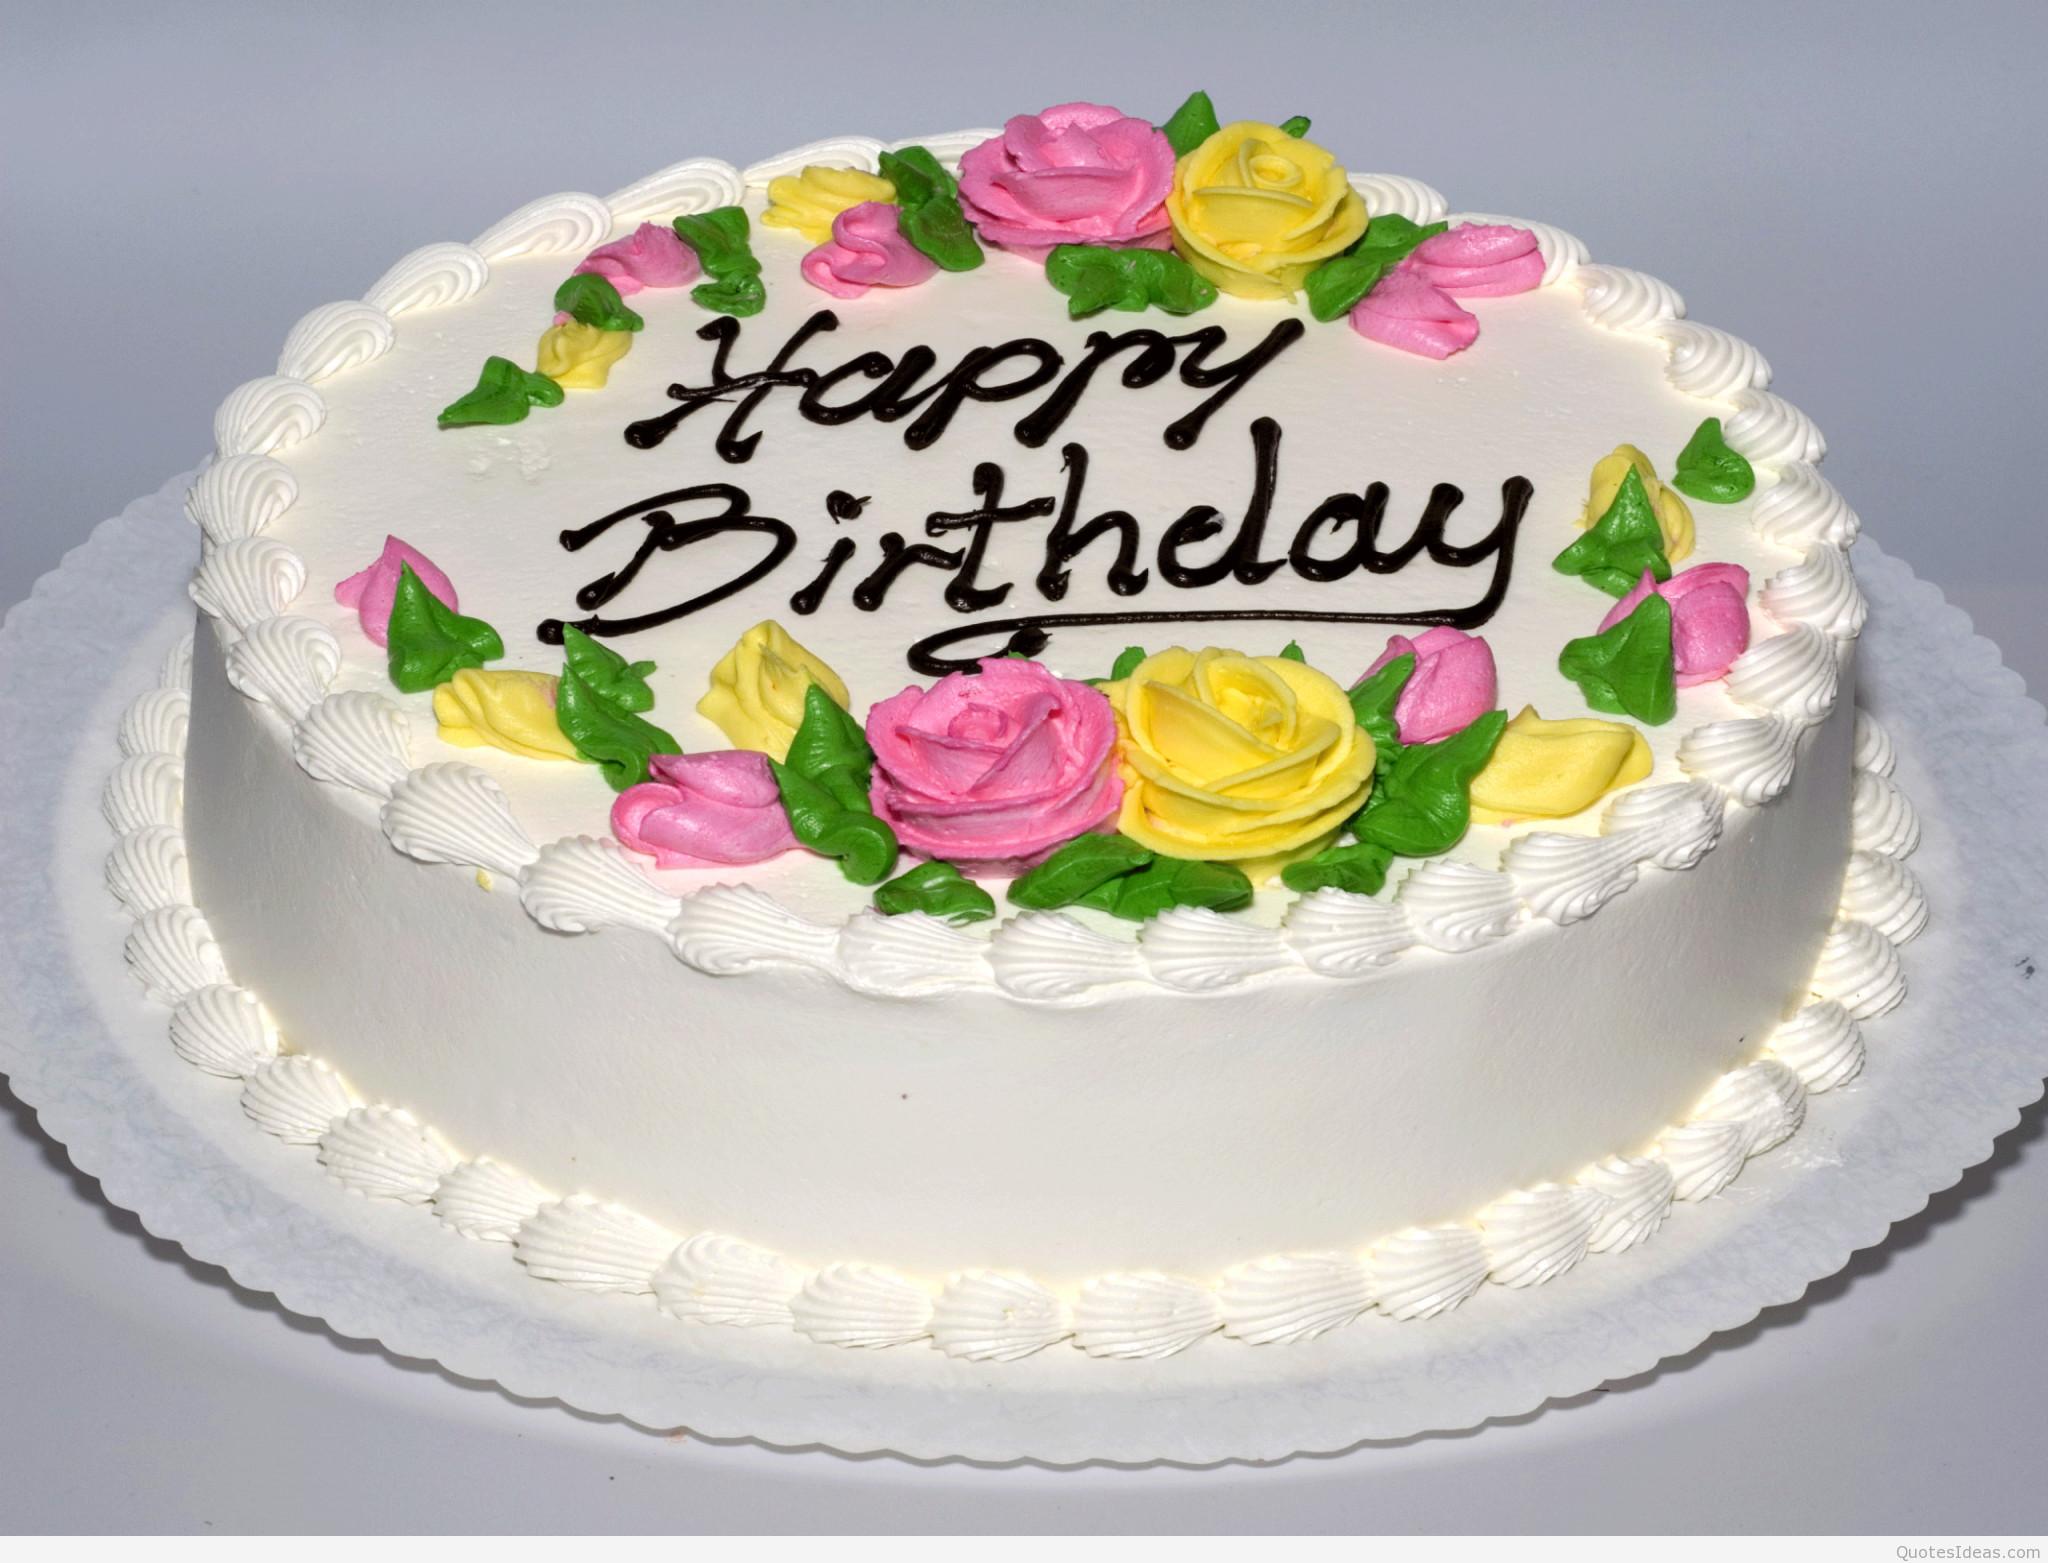 Happy Birthday Cake Image  anniversary birthday 2015